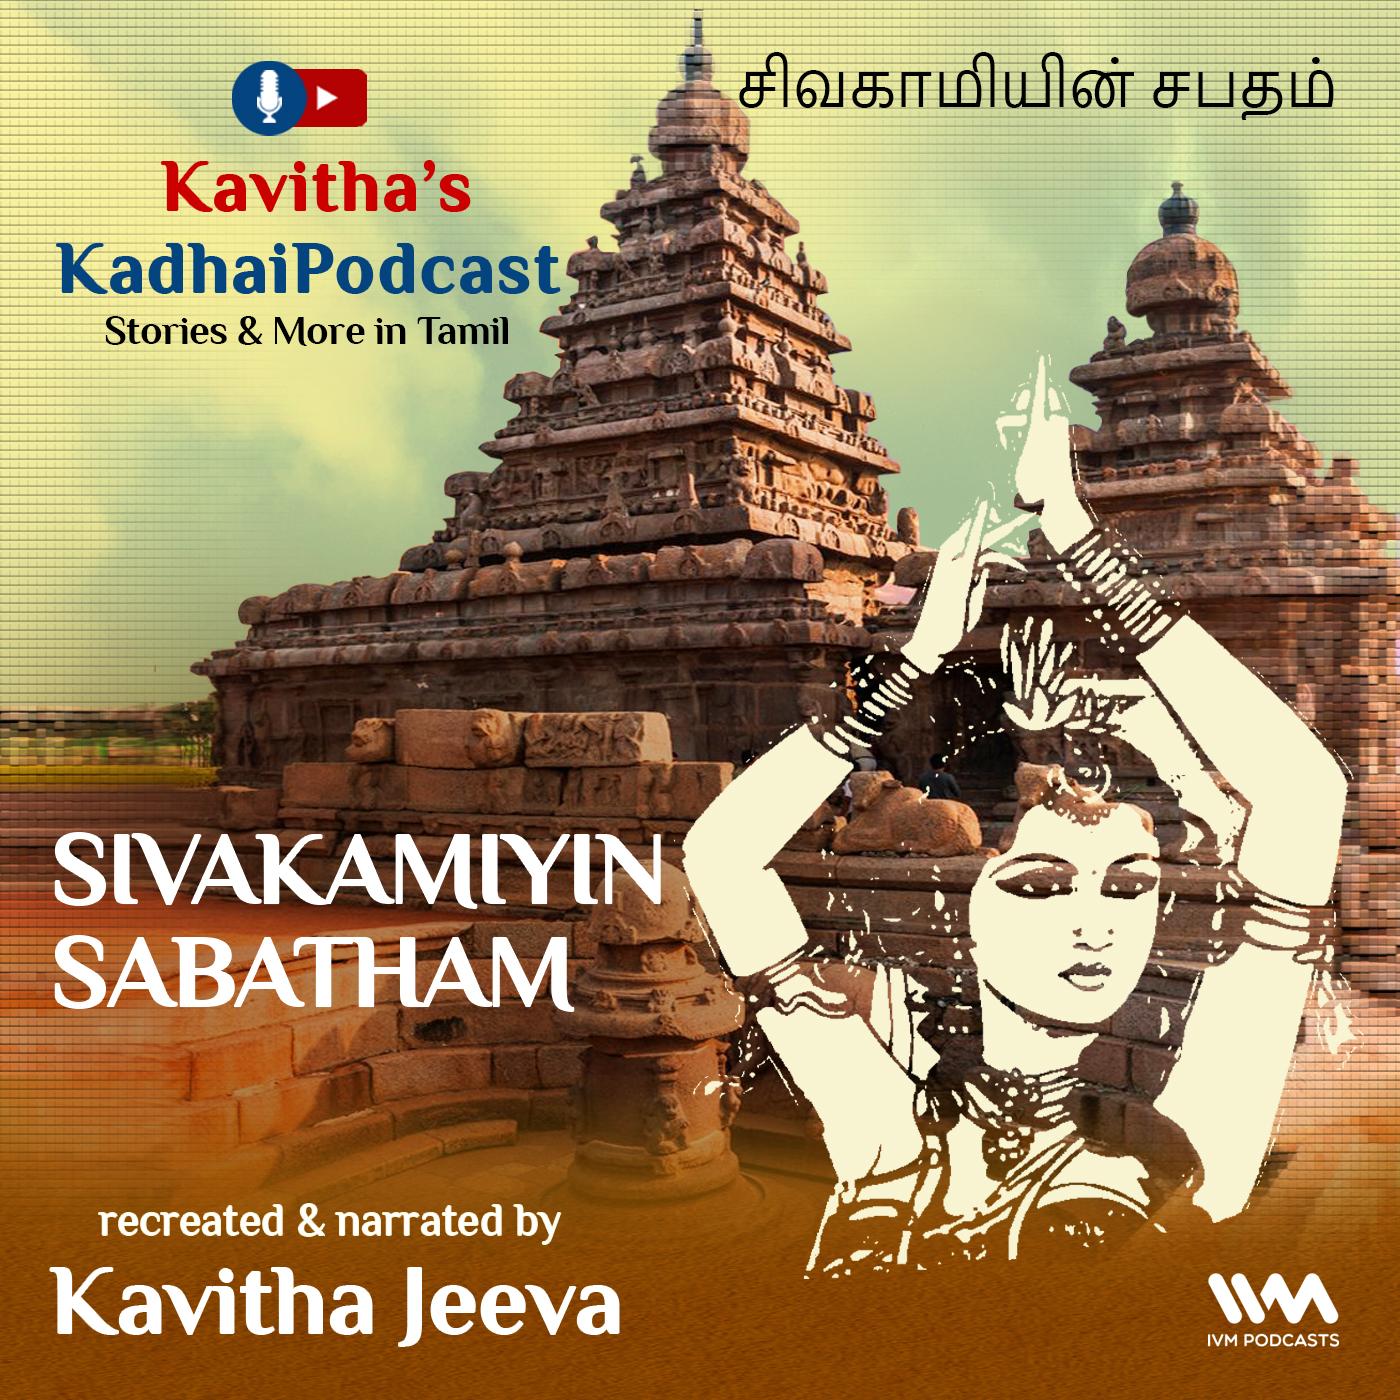 Sivakamiyin Sabatham Exclusive # 3